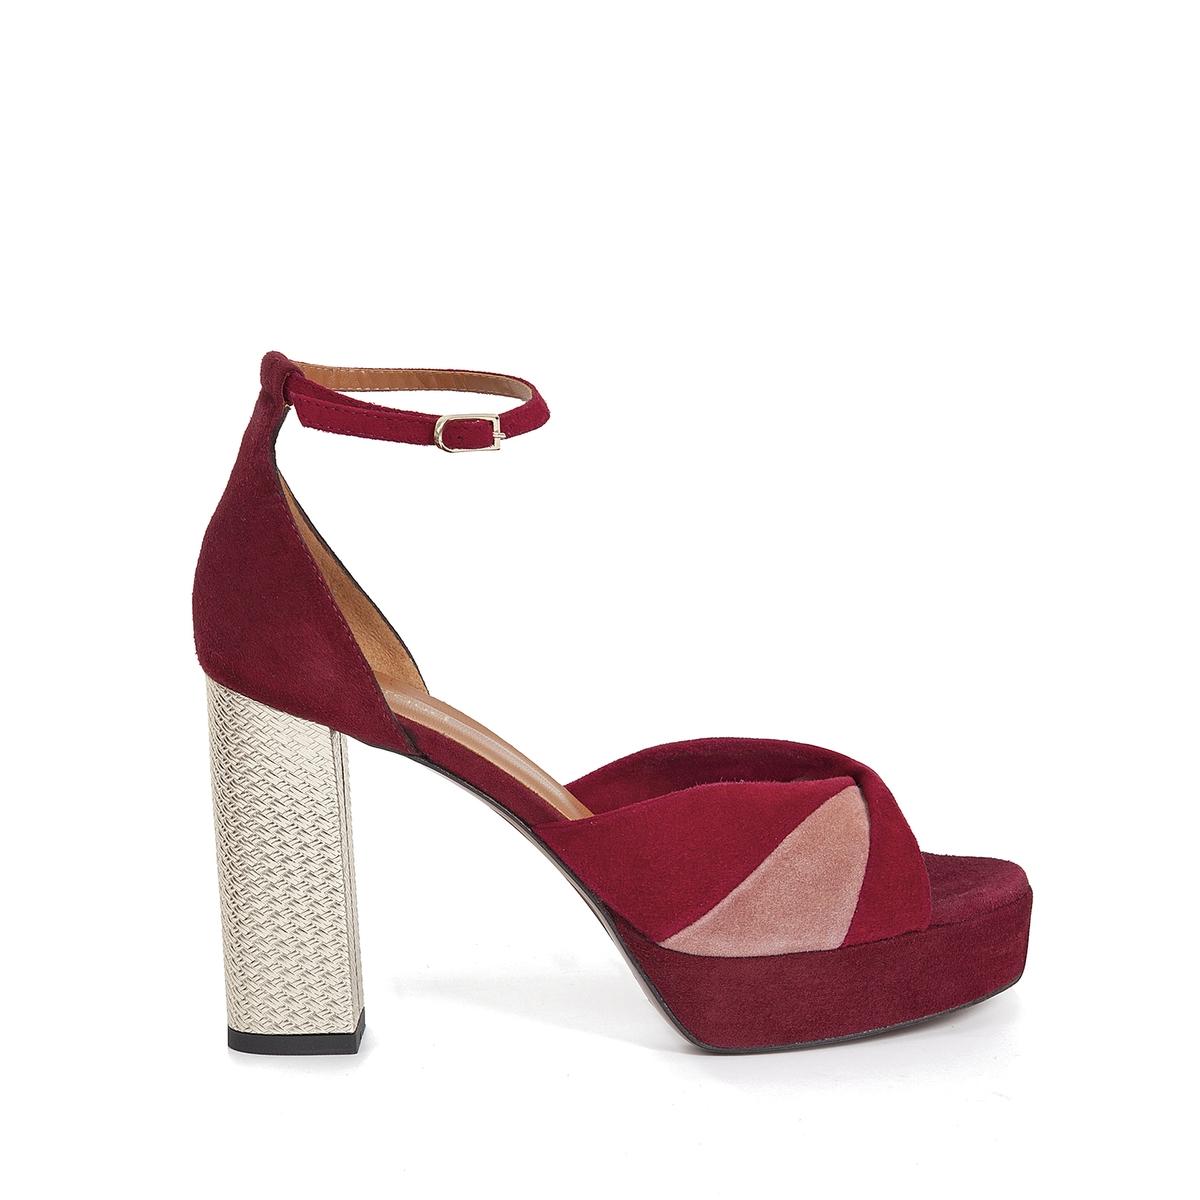 Туфли кожаные велюровые EvelineВерх : Кожа.   Подкладка : Кожа.   Стелька : Кожа.   Подошва : Кожа.   Высота каблука : 10 см   Форма каблука : квадратный.   Мысок : закругленный   Застежка : ремешок.<br><br>Цвет: бордовый<br>Размер: 39